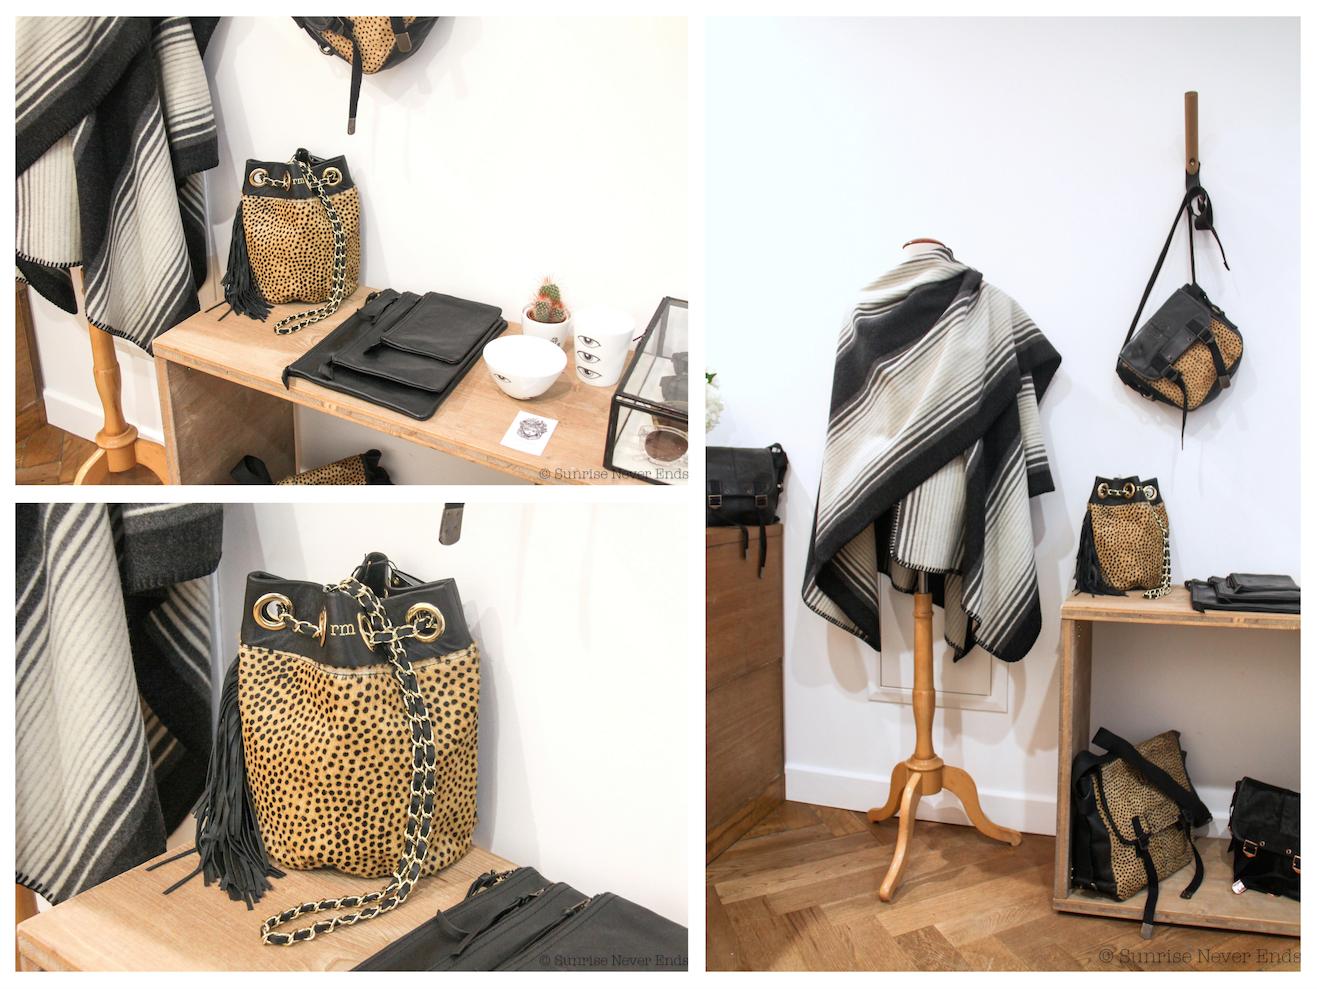 biarritz,l'officine,rockmafia,boutique,sacs,la méricaine,benjamin jean jean,little madi,cécile pic,d'blanc